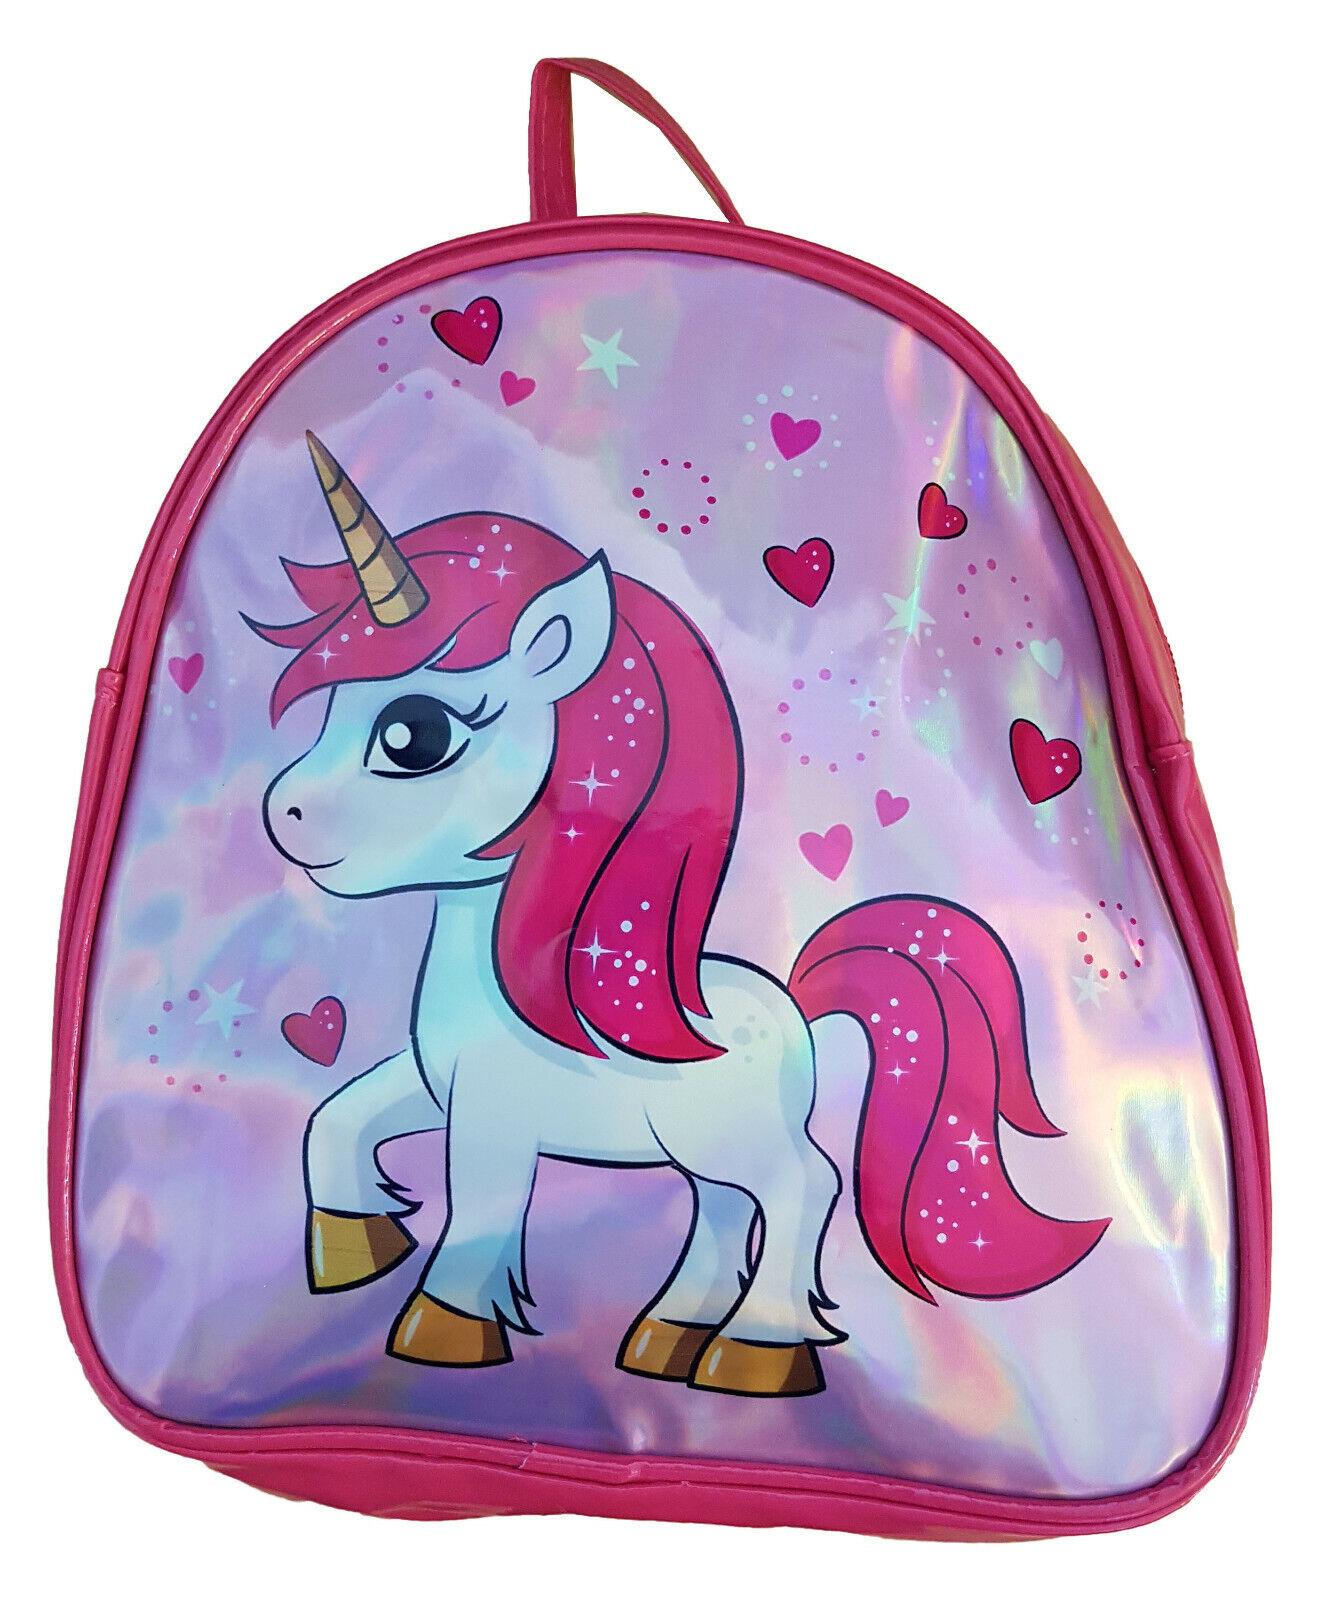 Einhorn Kinder Rucksack Handtasche Klein - Kinderrucksack